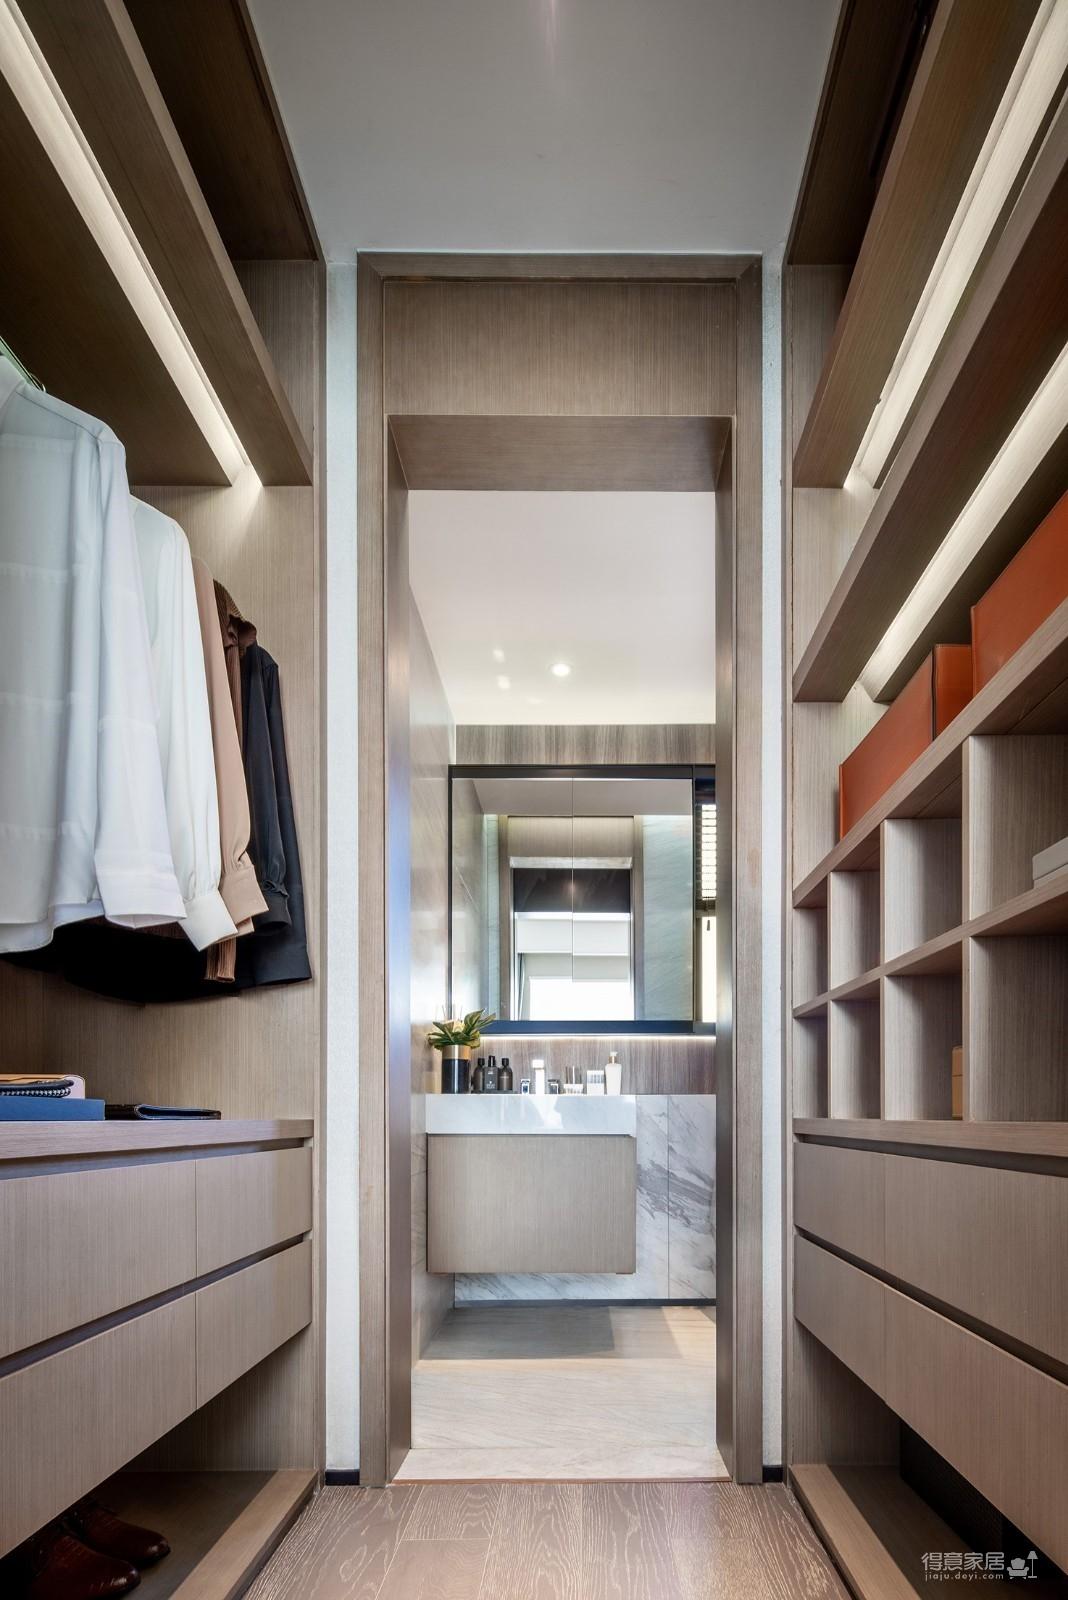 100㎡现代风家庭公寓图_10